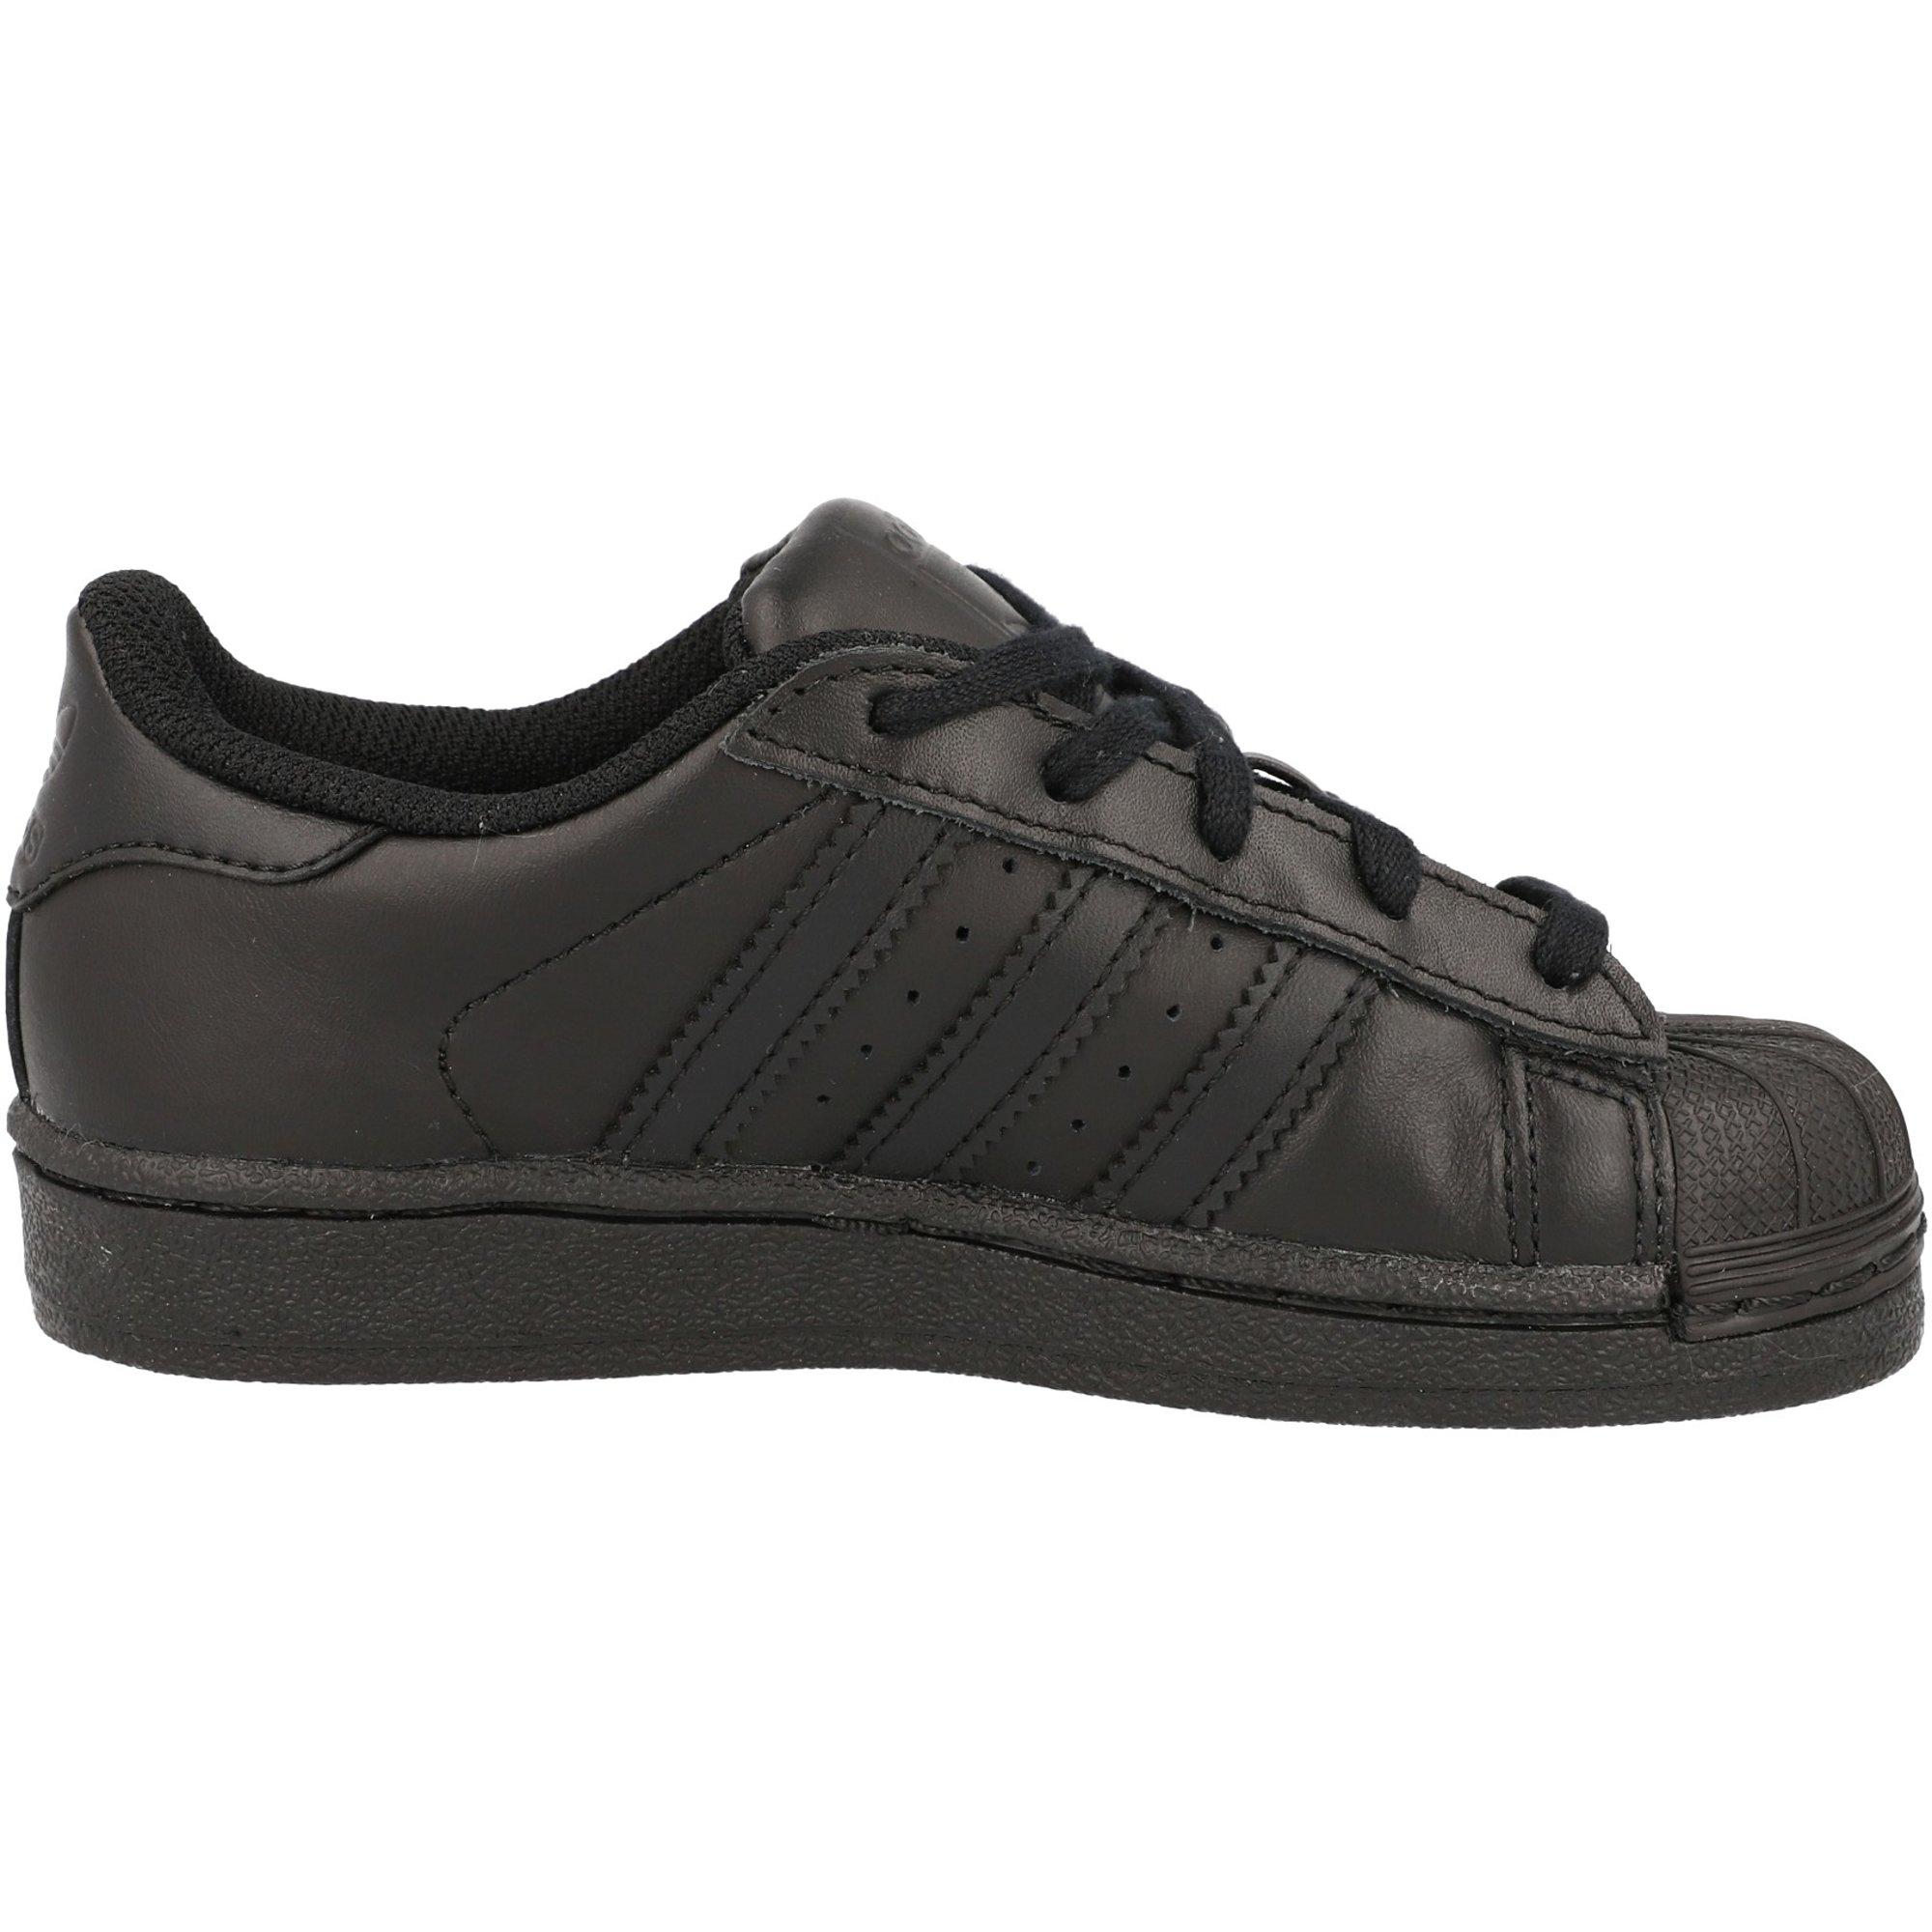 adidas Originals Superstar C Black Leather Junior